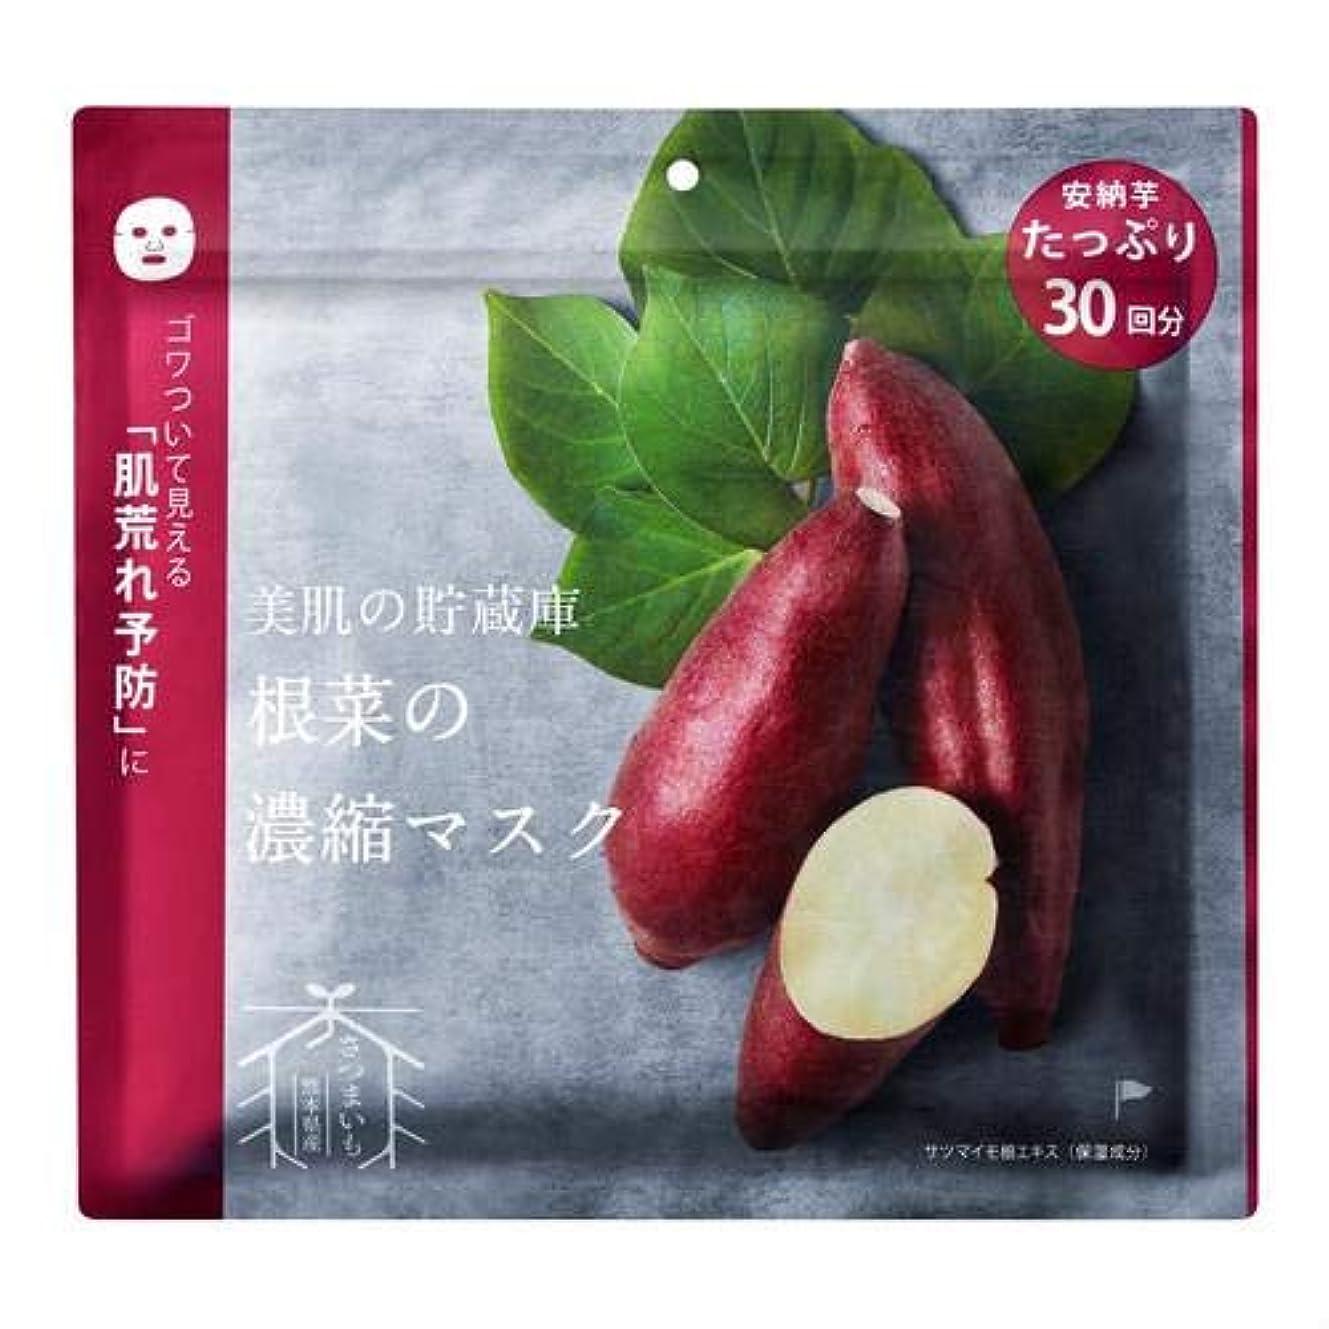 一掃する何もないシステムアイメーカーズ @cosme nippon (アットコスメニッポン) 美肌の貯蔵庫 根菜の濃縮マスク 安納いも 30枚 フェイスマスク2個セット